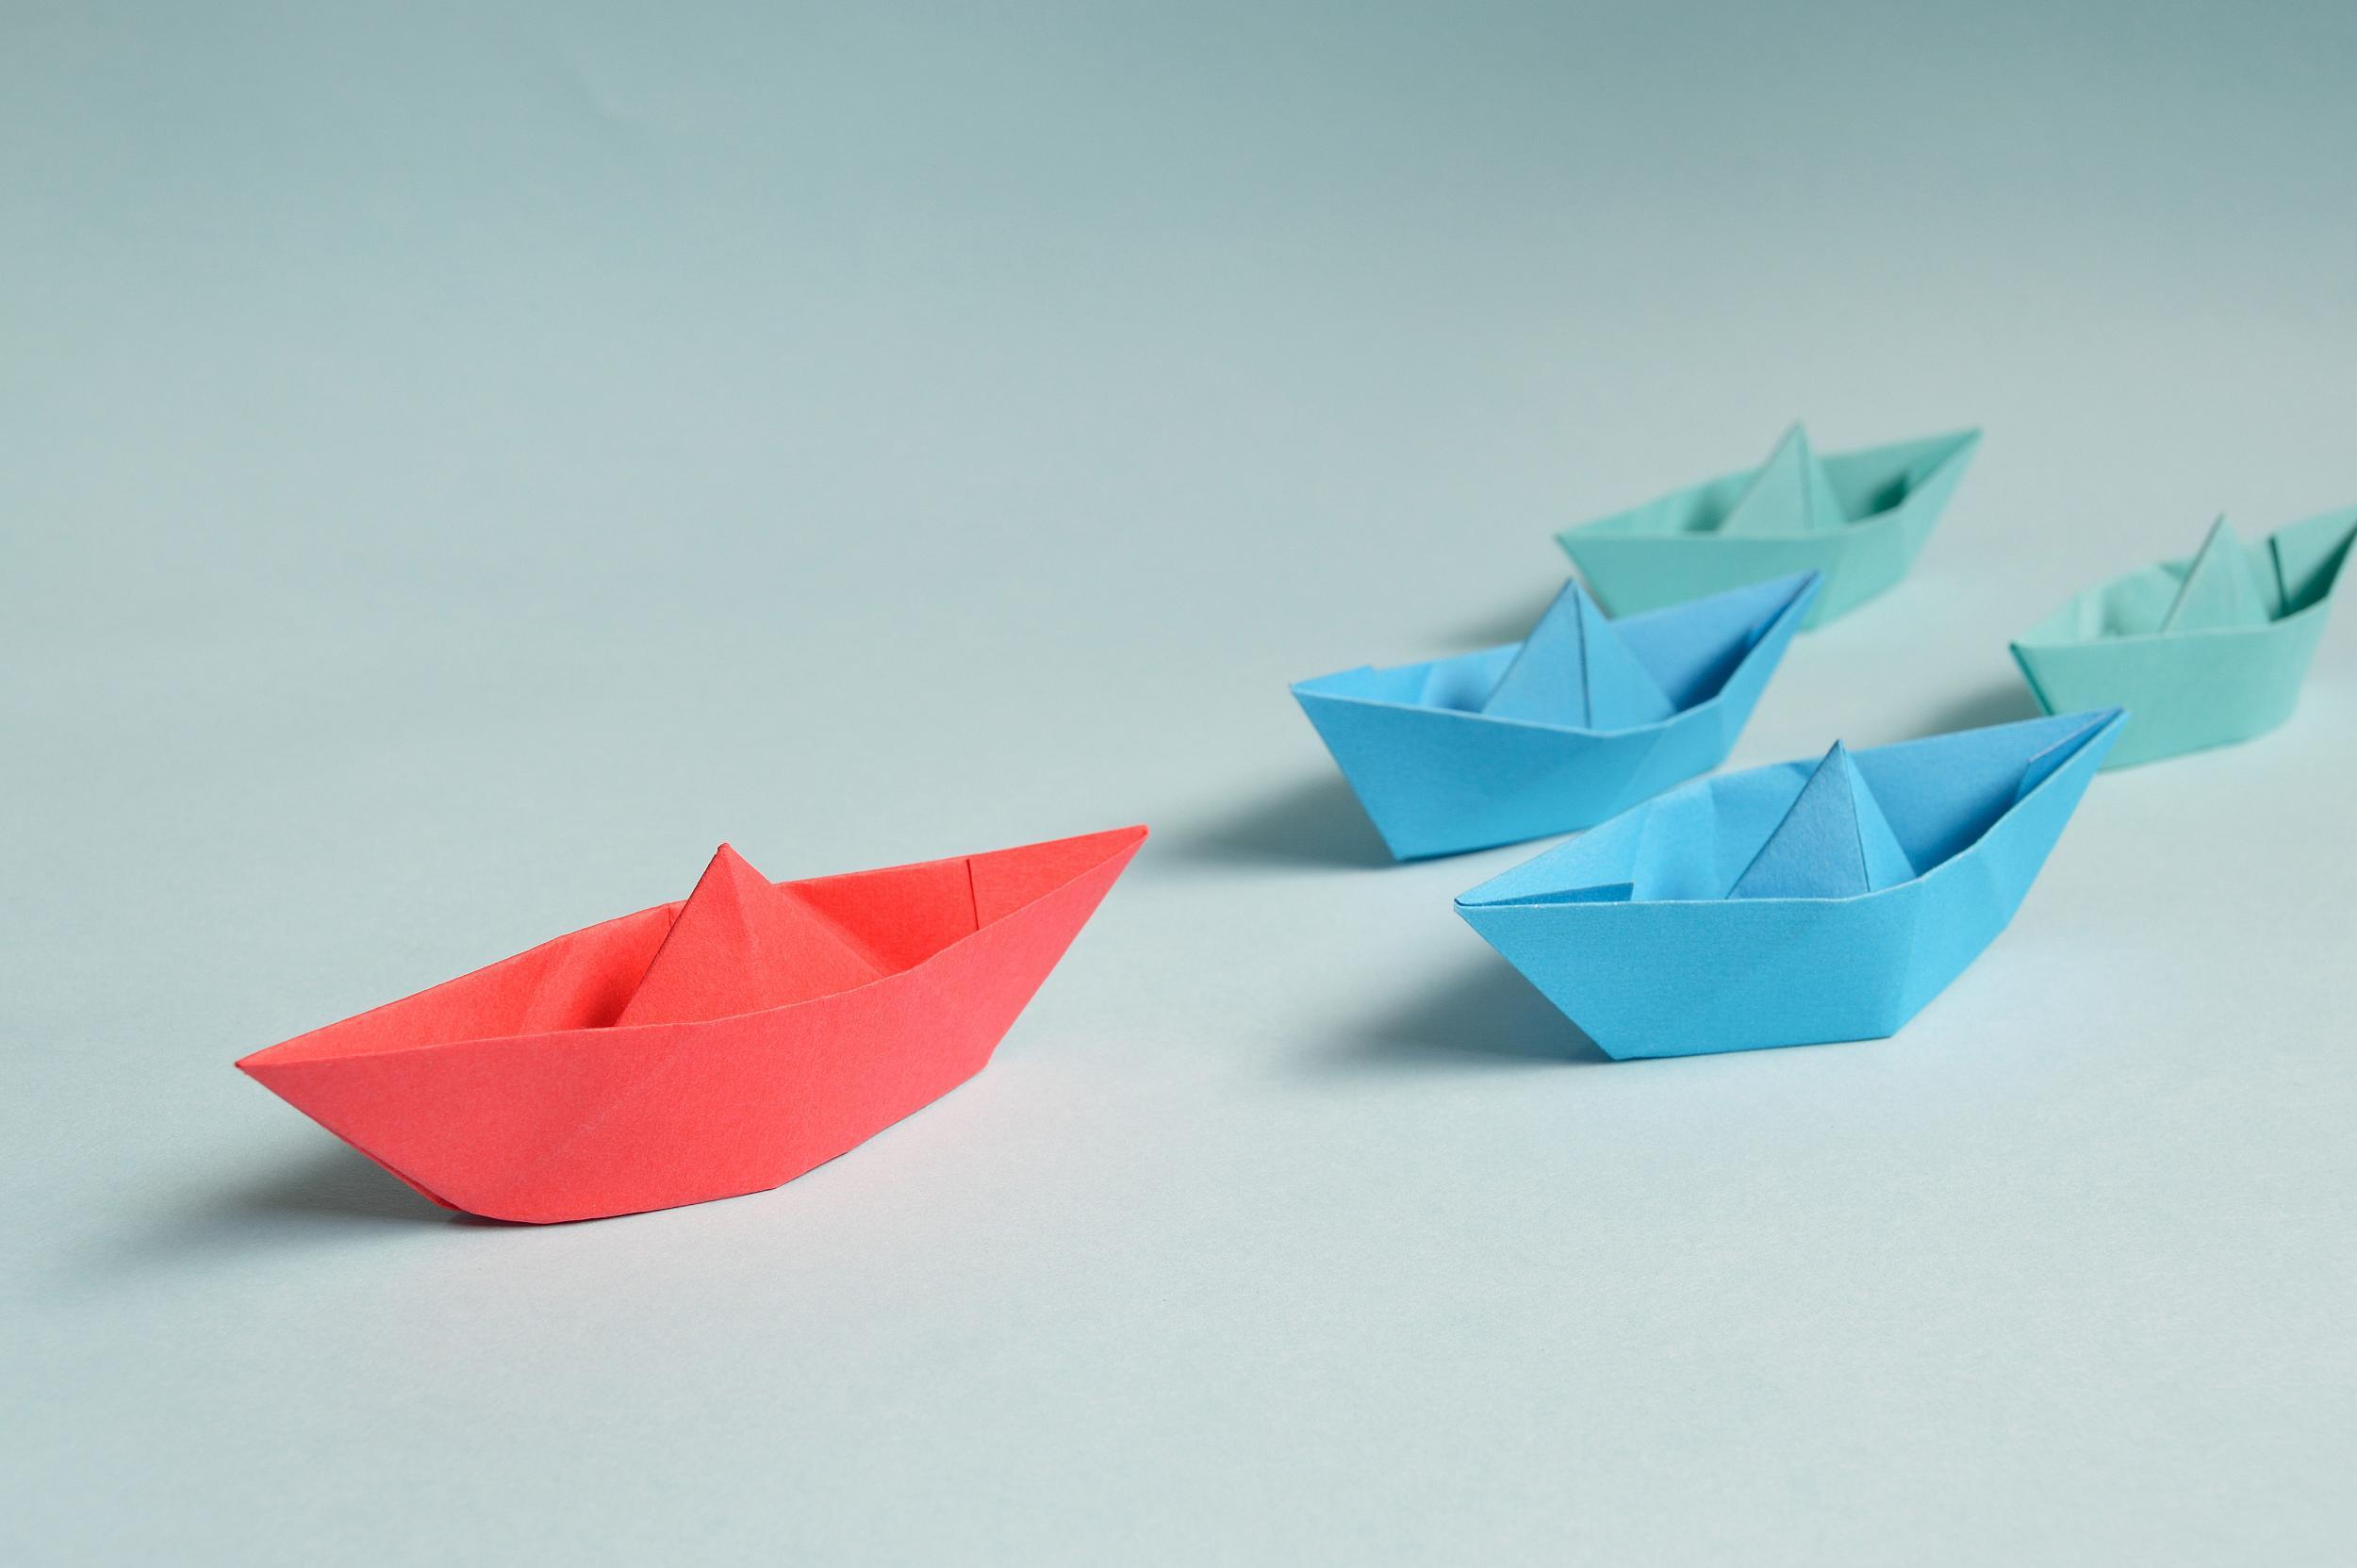 Finanzierungsformen für Gründer  | Companisto Blog